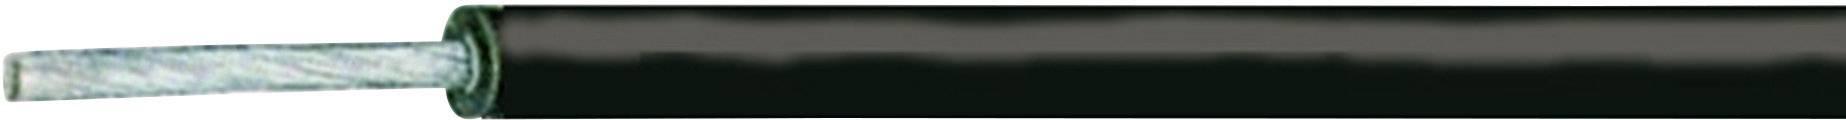 Stikalna žica SiL-SiAF 1 x 1.50 mm, rjava XBK Kabel cena za meter